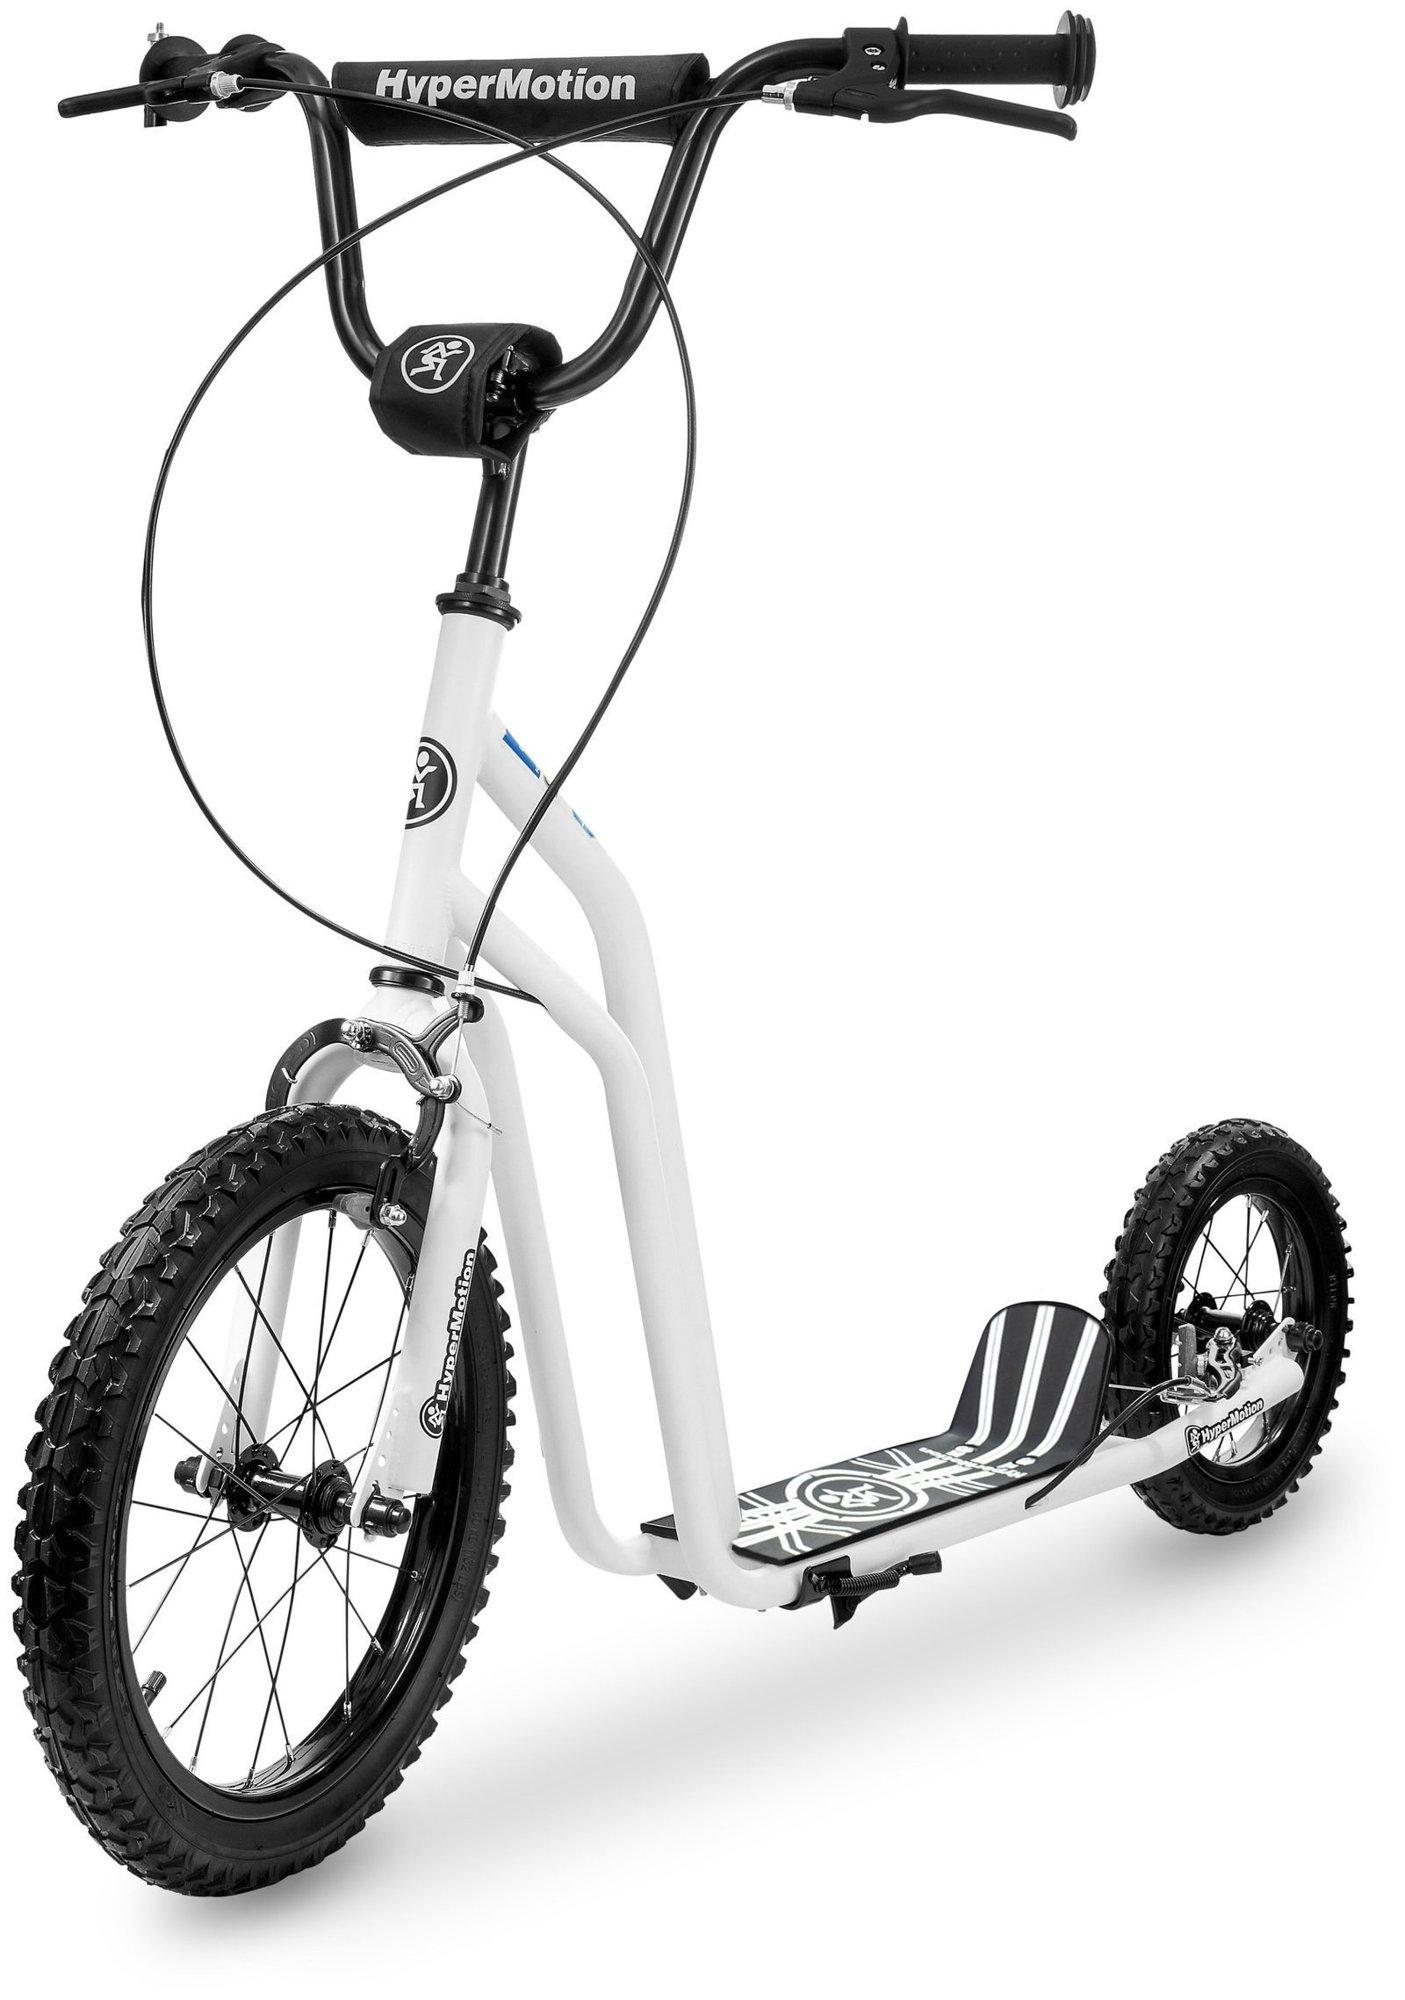 Hulajnoga HyperMotion VIVA 16 (koła 40cm + 30cm) - Biała